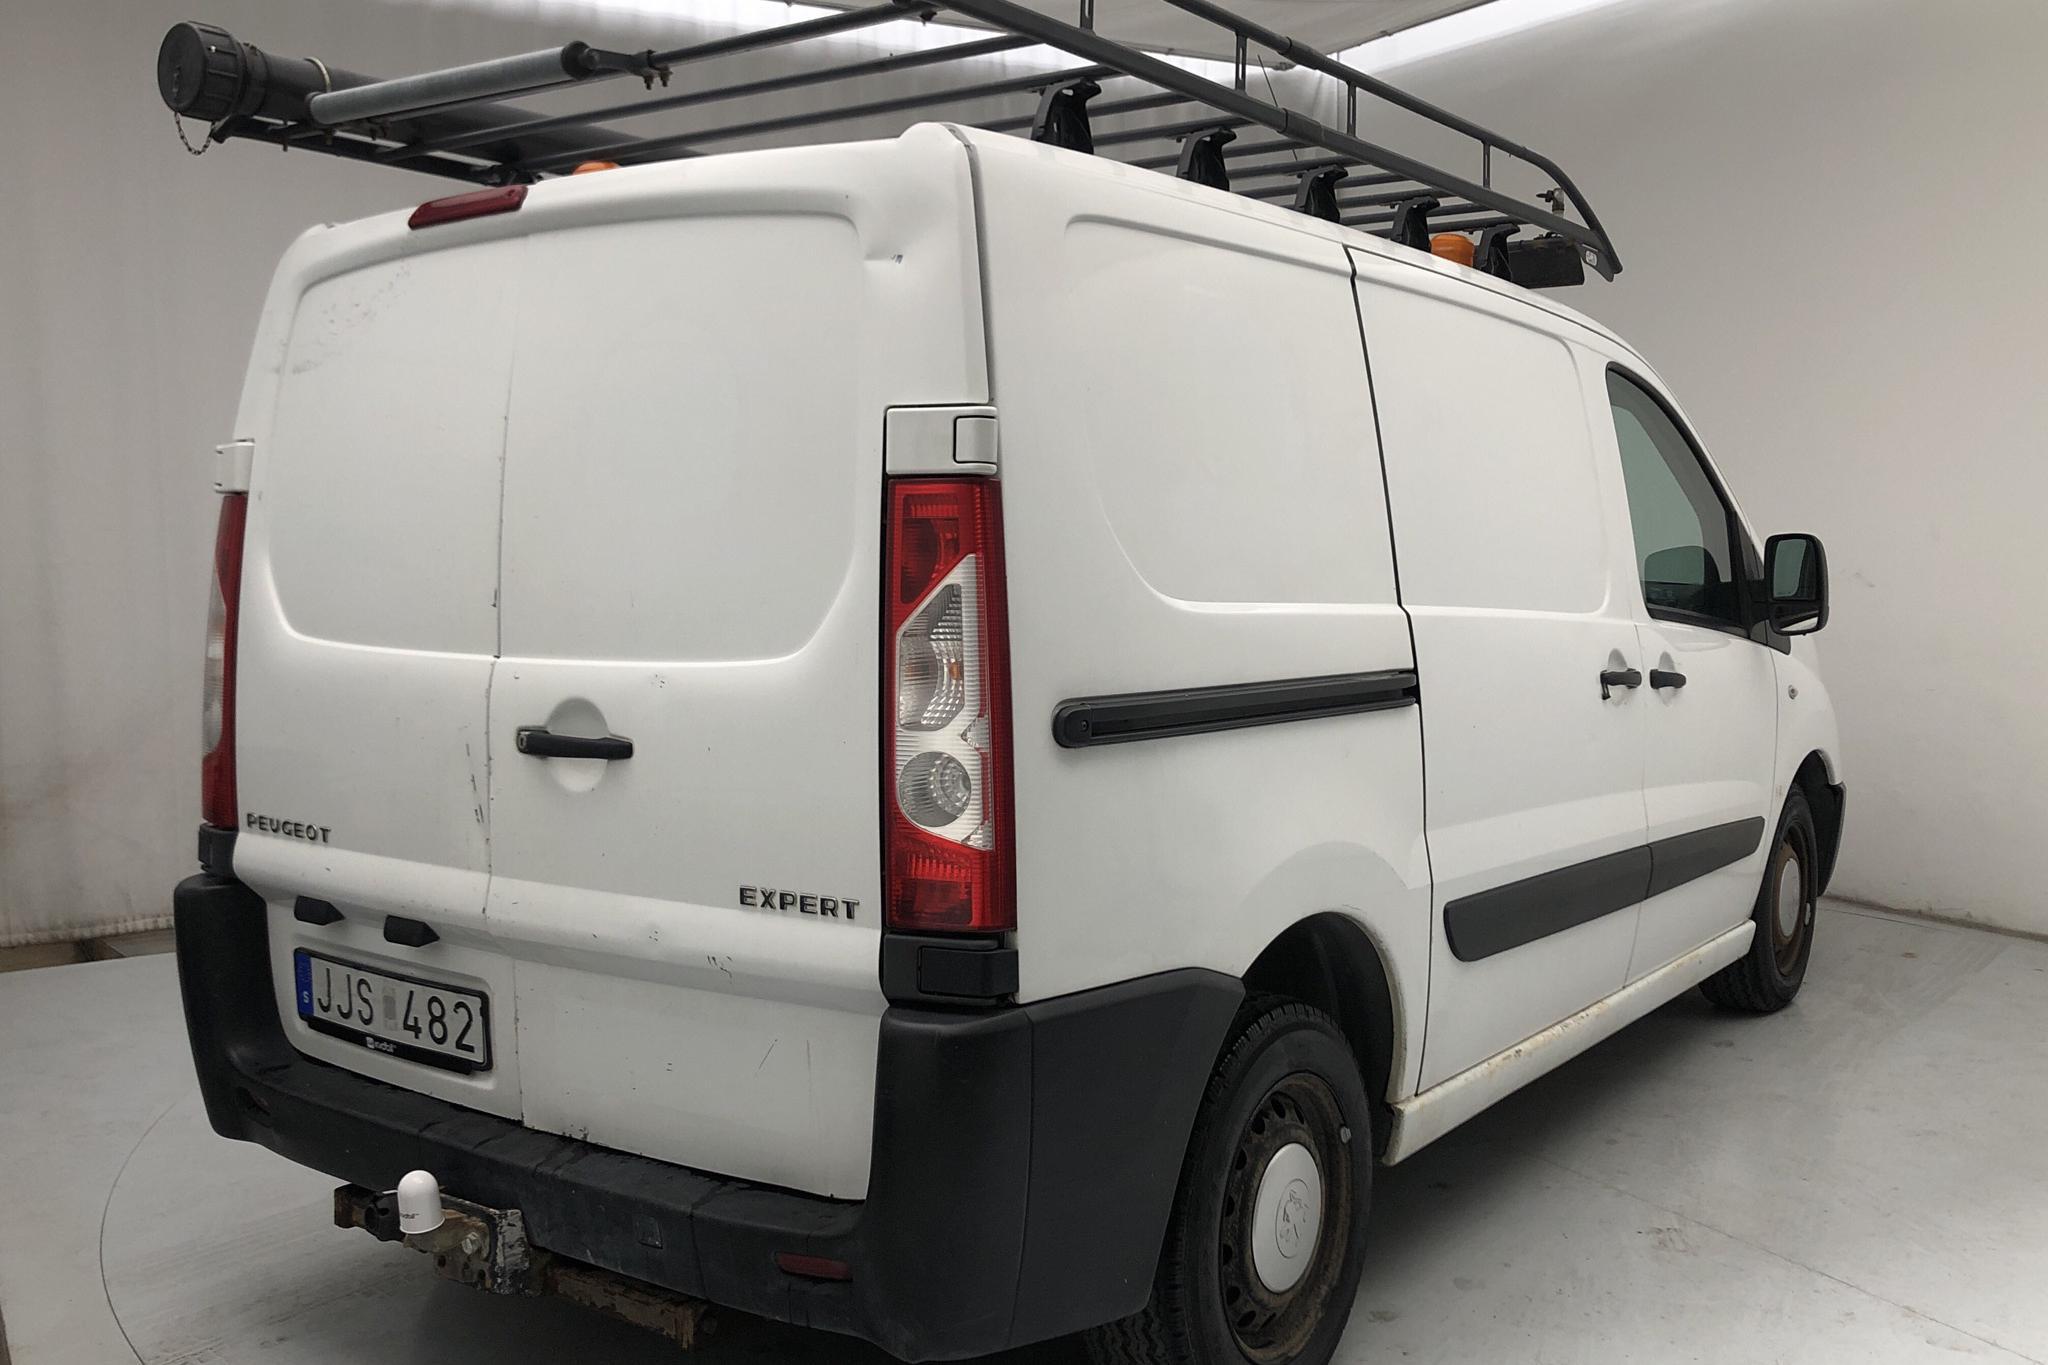 Peugeot Expert 2.0 HDI Skåp (120hk) - 14 347 mil - Manuell - vit - 2009